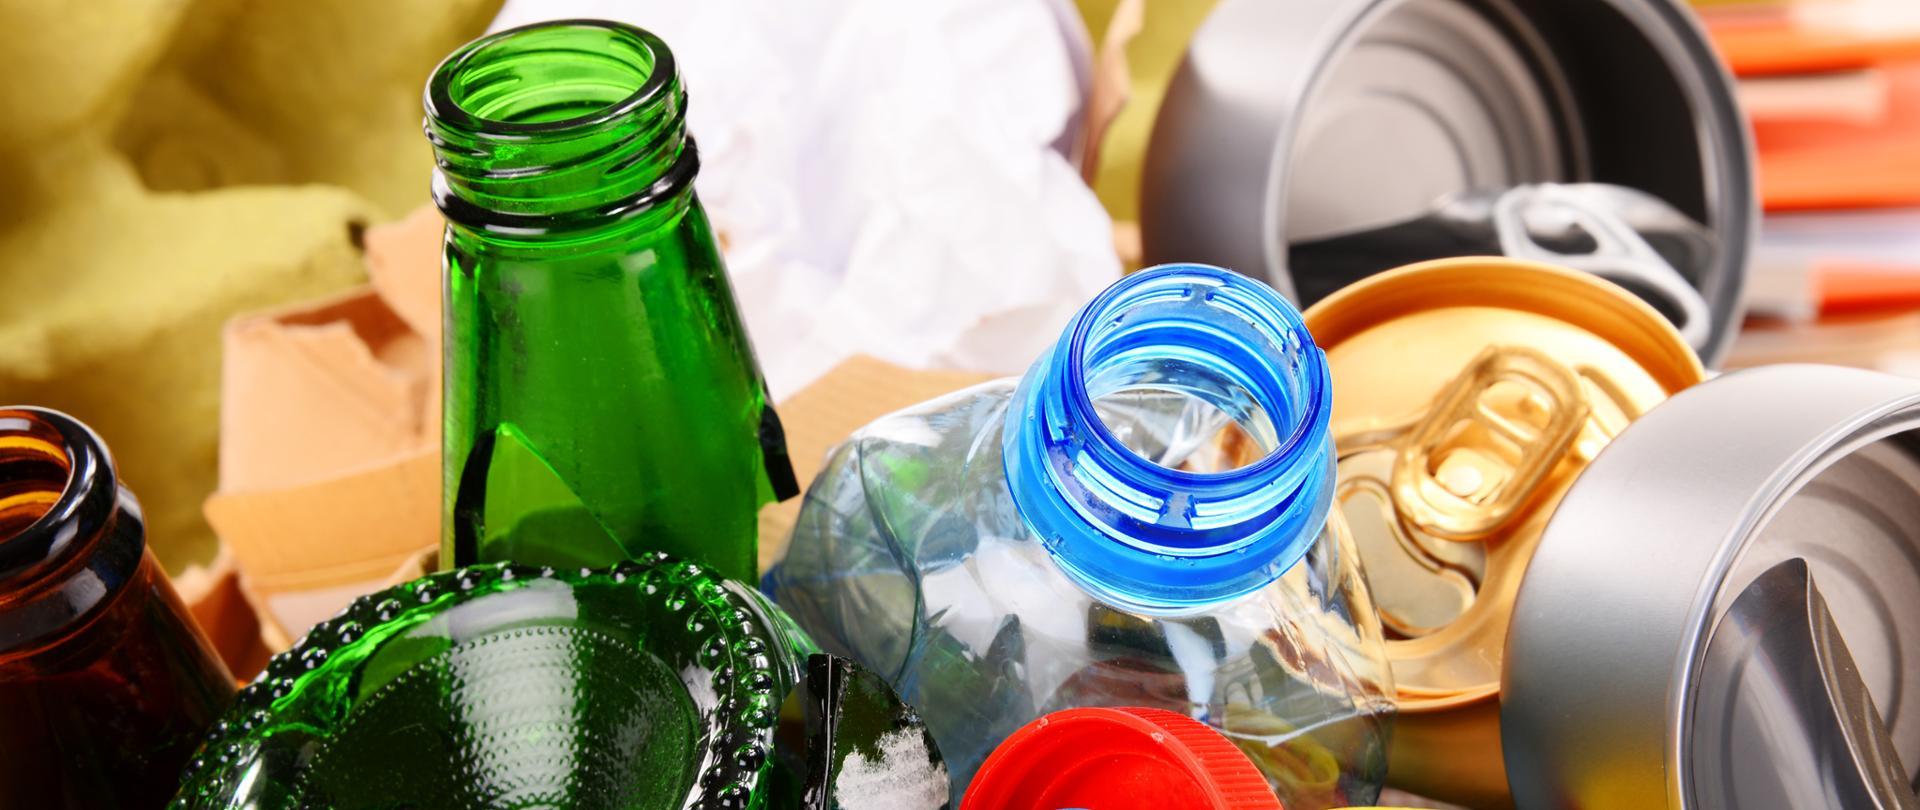 Zmiana sposobu obliczania poziomów recyklingu odpadów